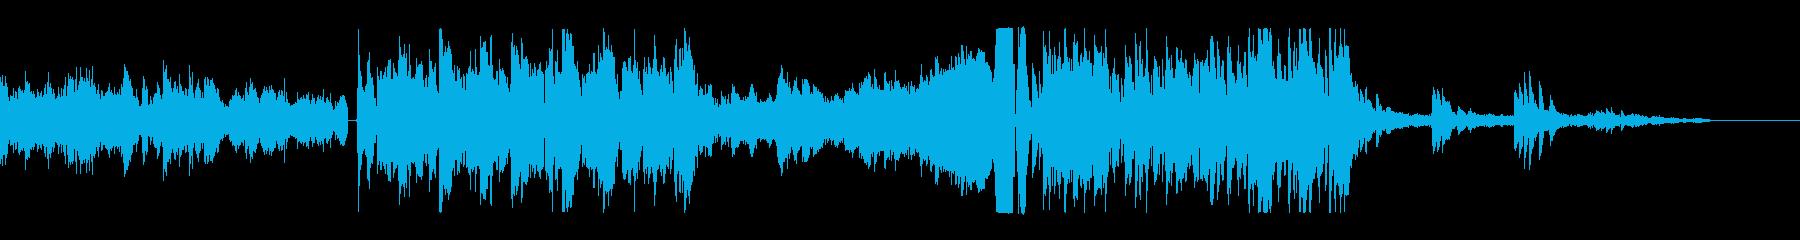 未来的かつ機械的なピアノ主体のサウンドの再生済みの波形